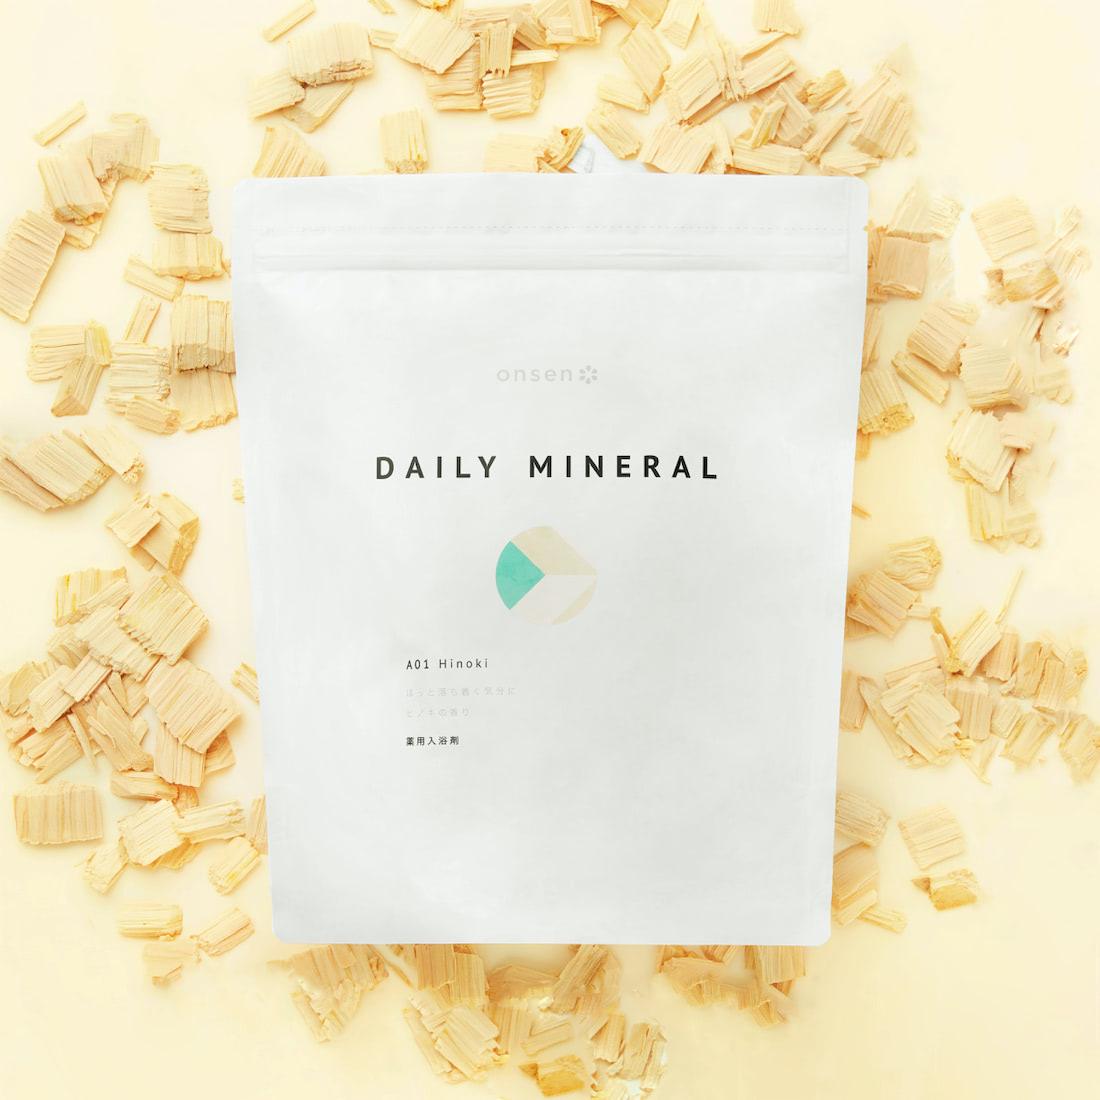 薬用入浴剤 デイリーミネラル A01 Hinoki(ほっと落ち着く気分に ヒノキの香り)大容量 | Onsen*